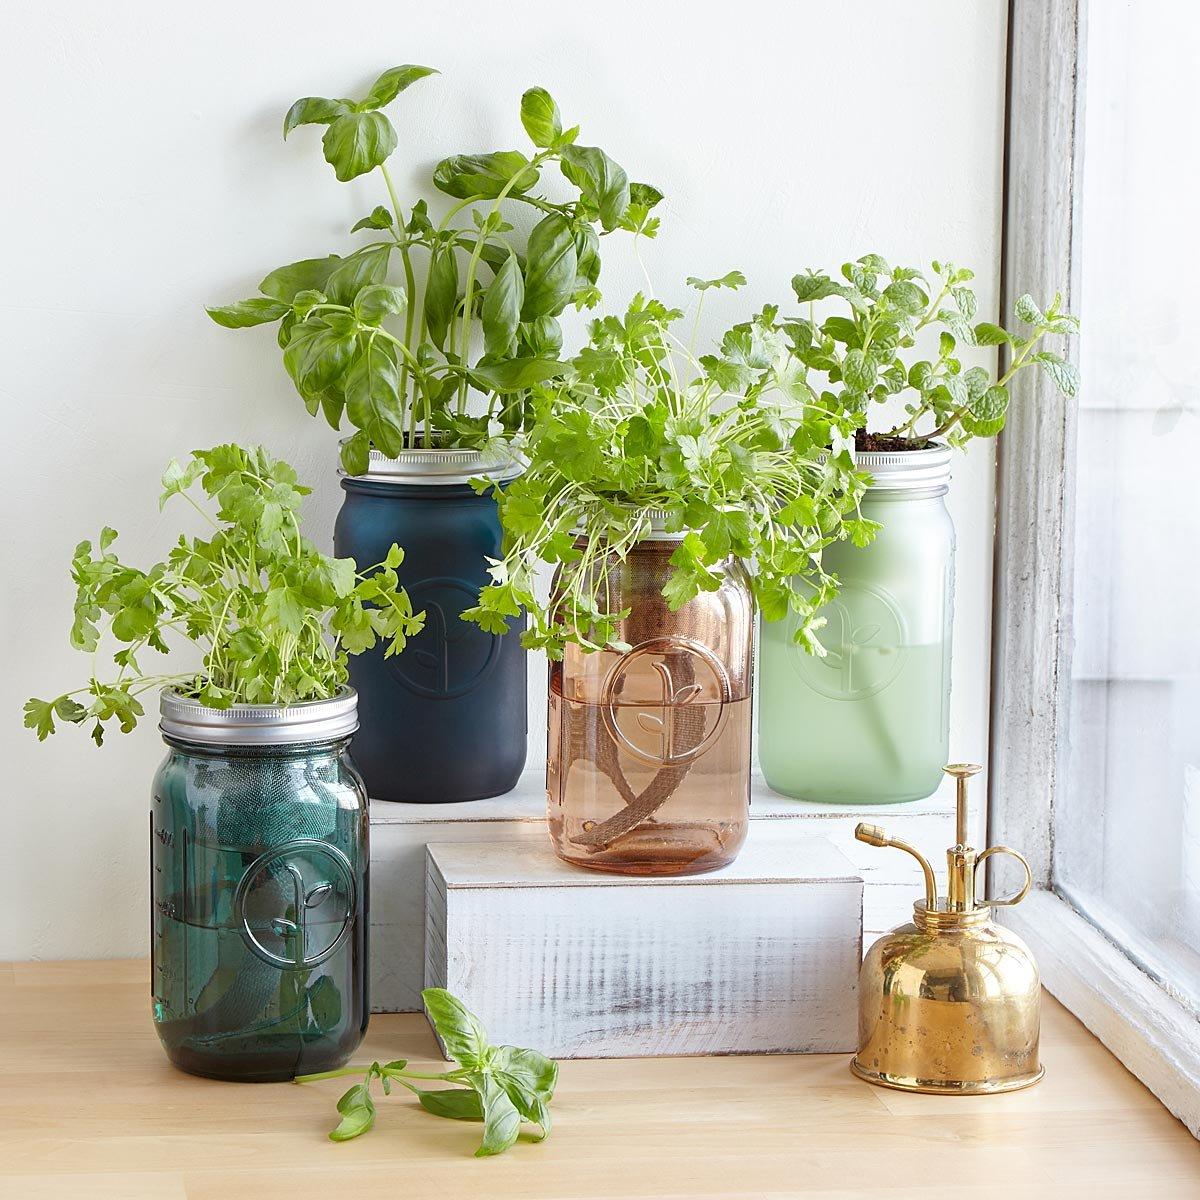 Mason jars used as herb holders